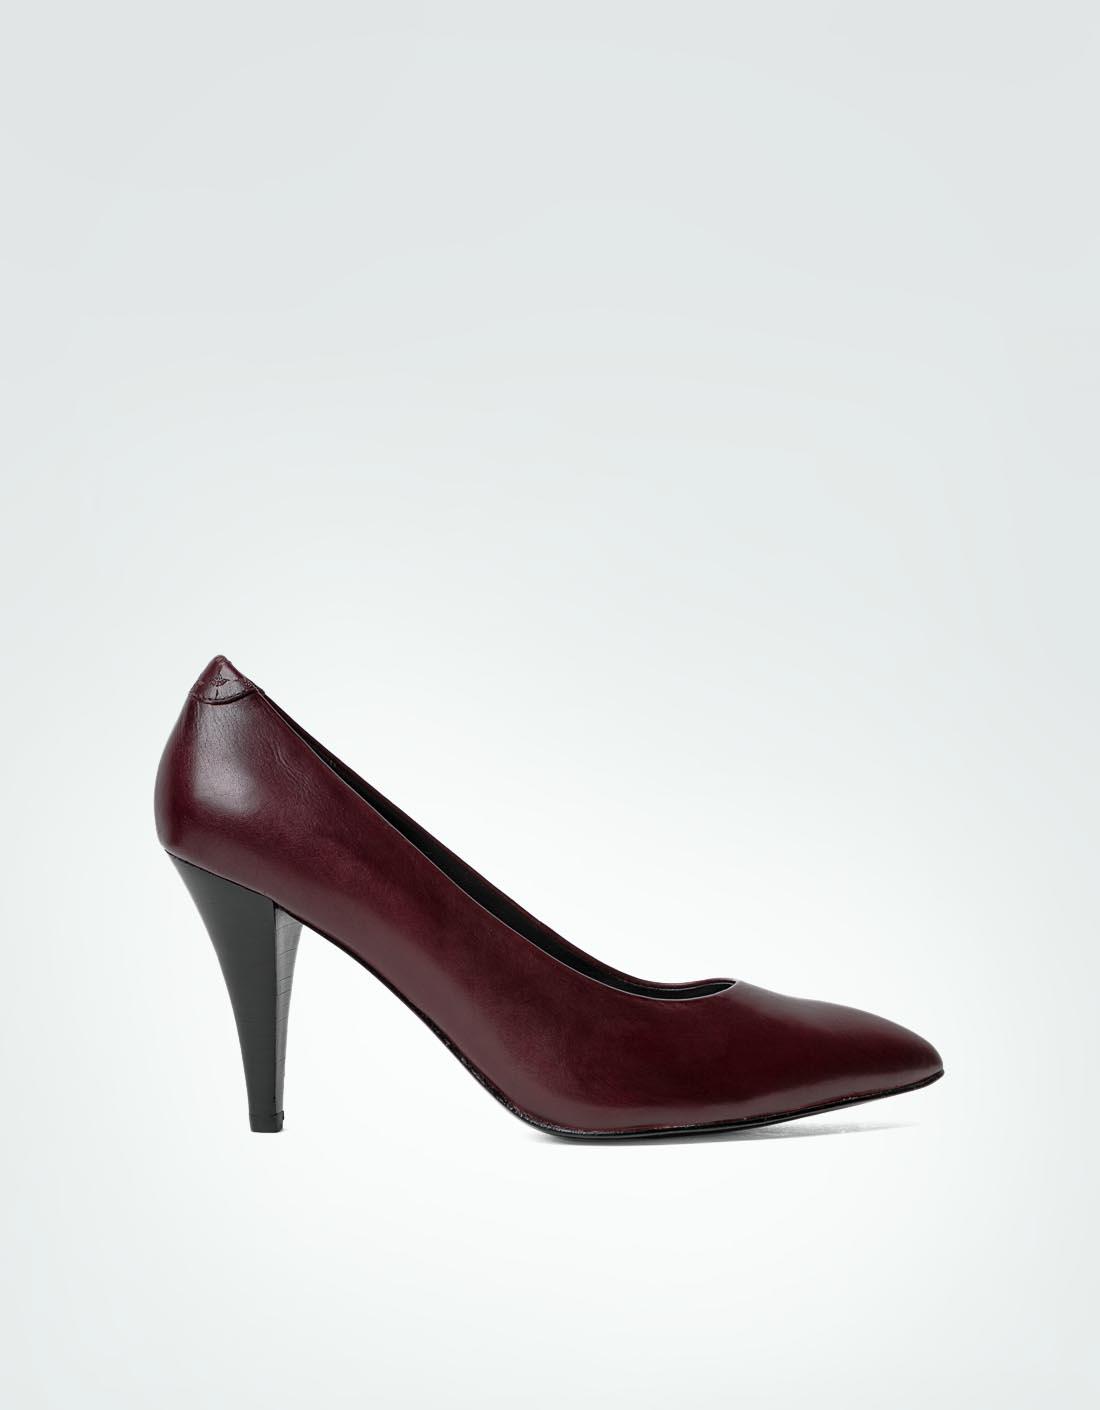 Original-Verkauf Online JOOP Damen Schuhe Pumps in klassischem Design rot Vorbestellung 2L86l